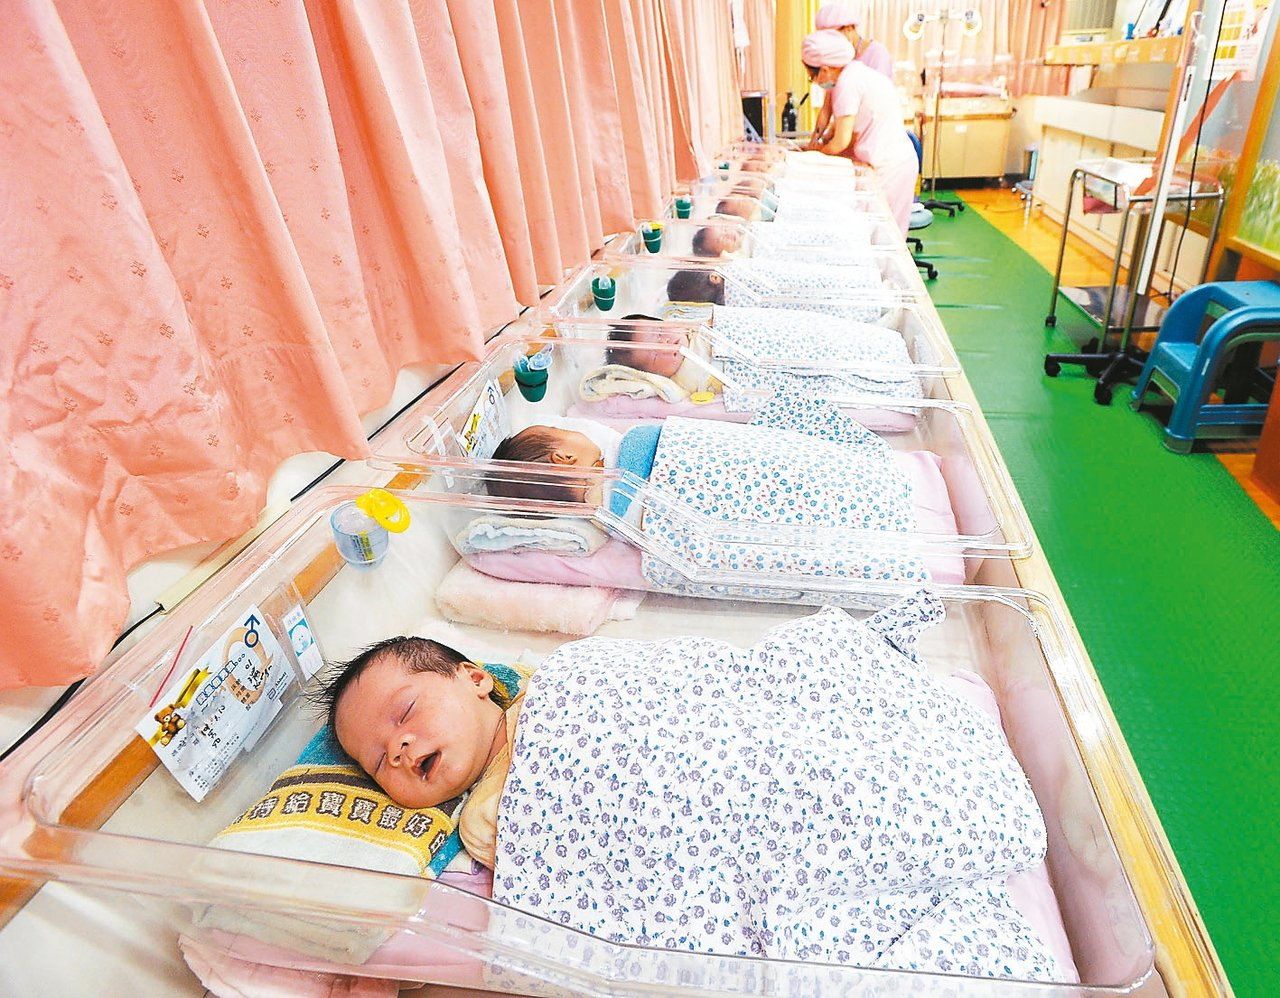 國民黨立委蔣萬安今天在立法院總質詢中指出,今年新生兒估跌破17萬,質疑催生政策效...